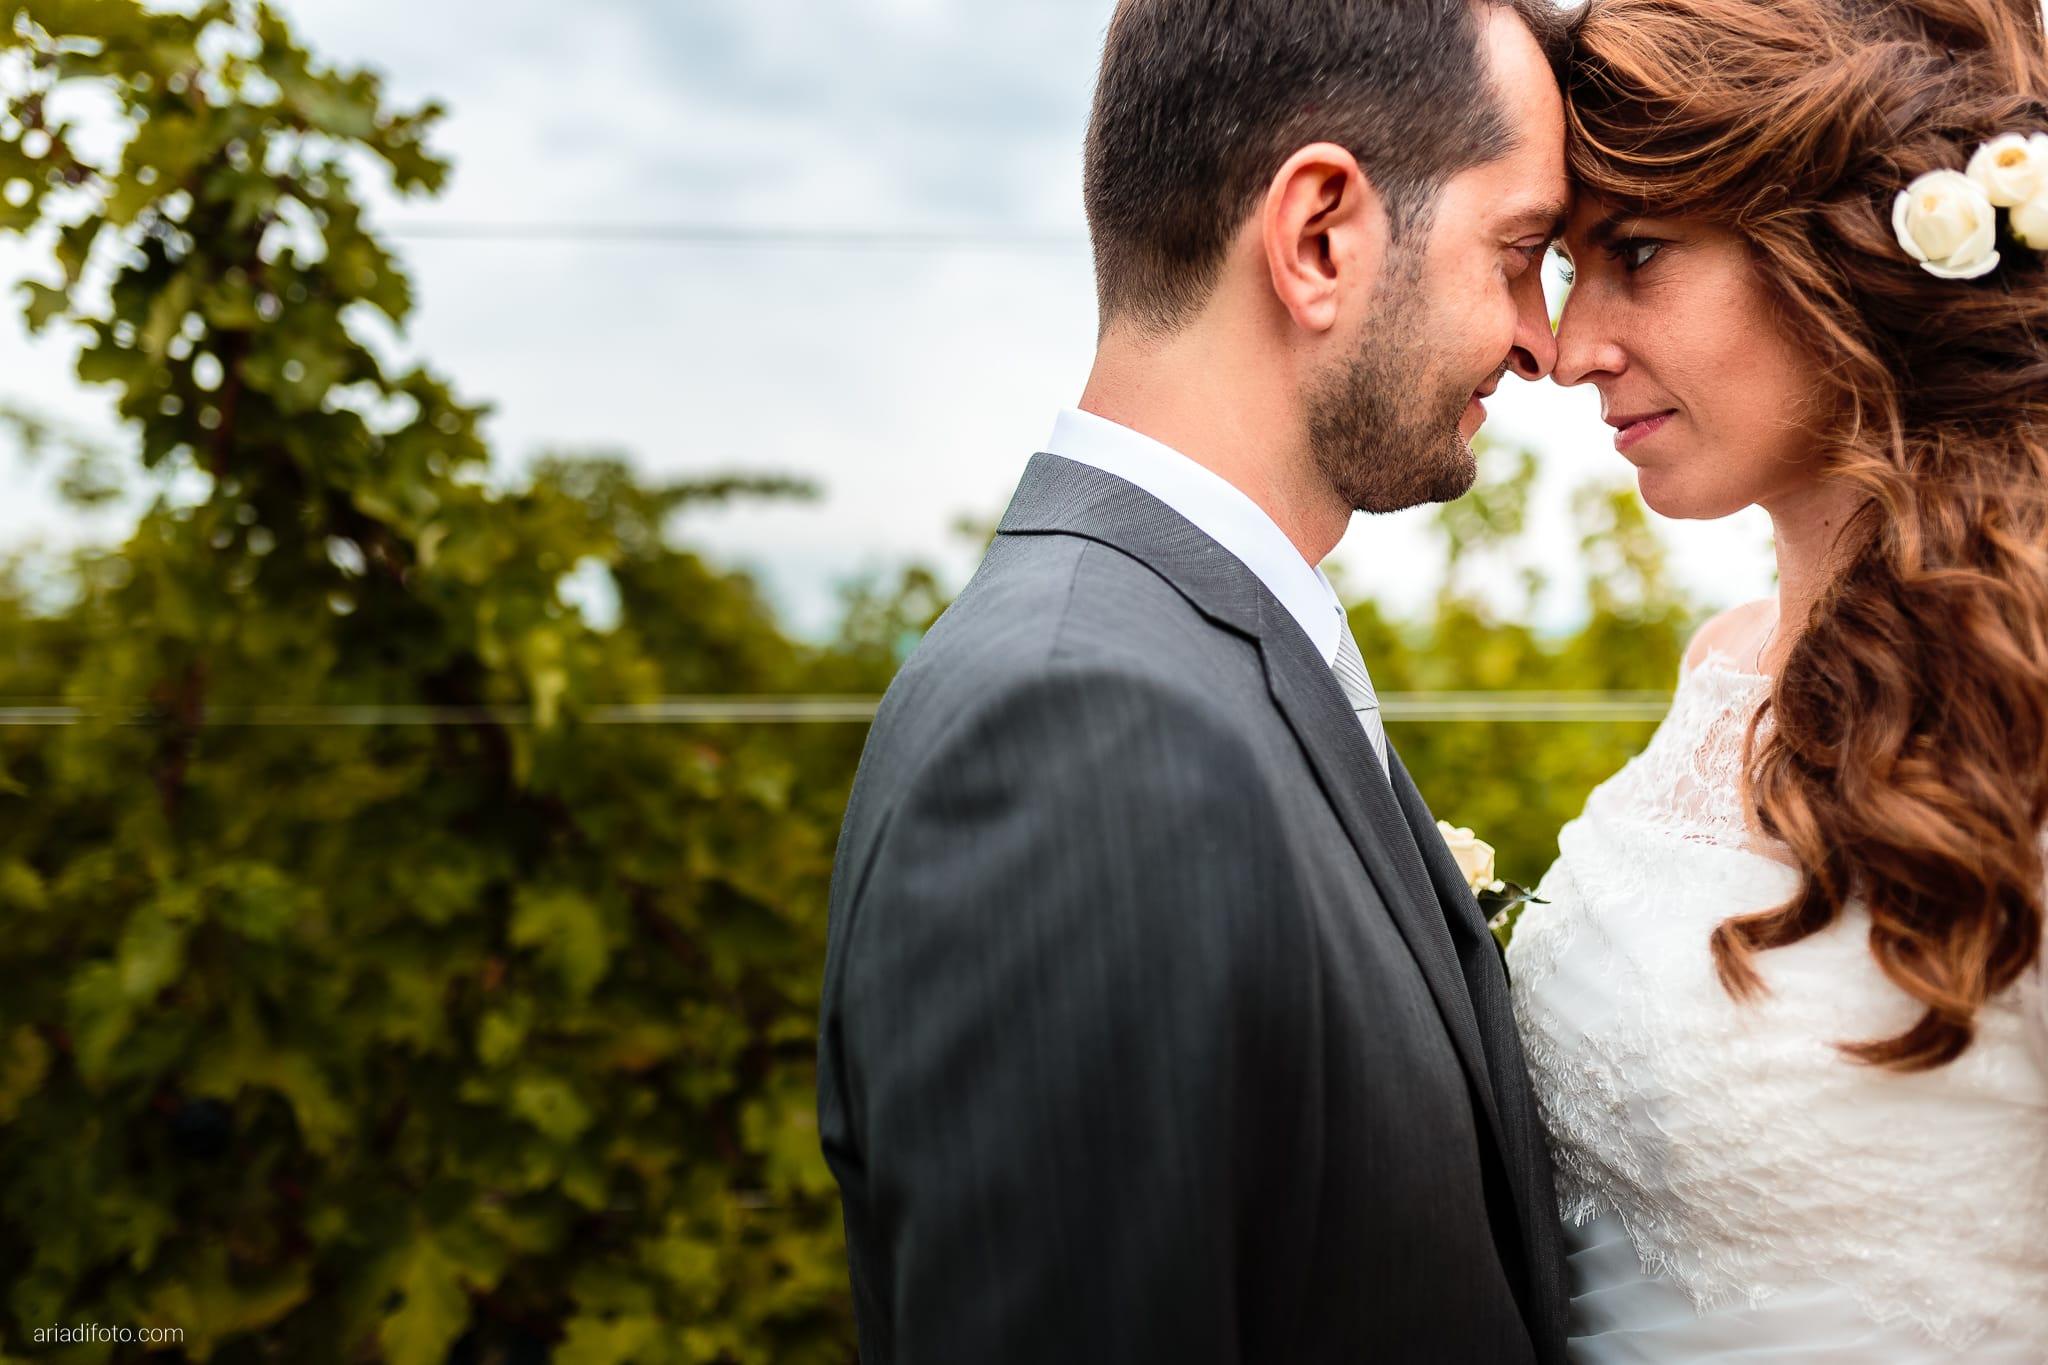 Rossella Stefano Matrimonio Muggia Mulin Koper Slovenia ritratti sposi vigne